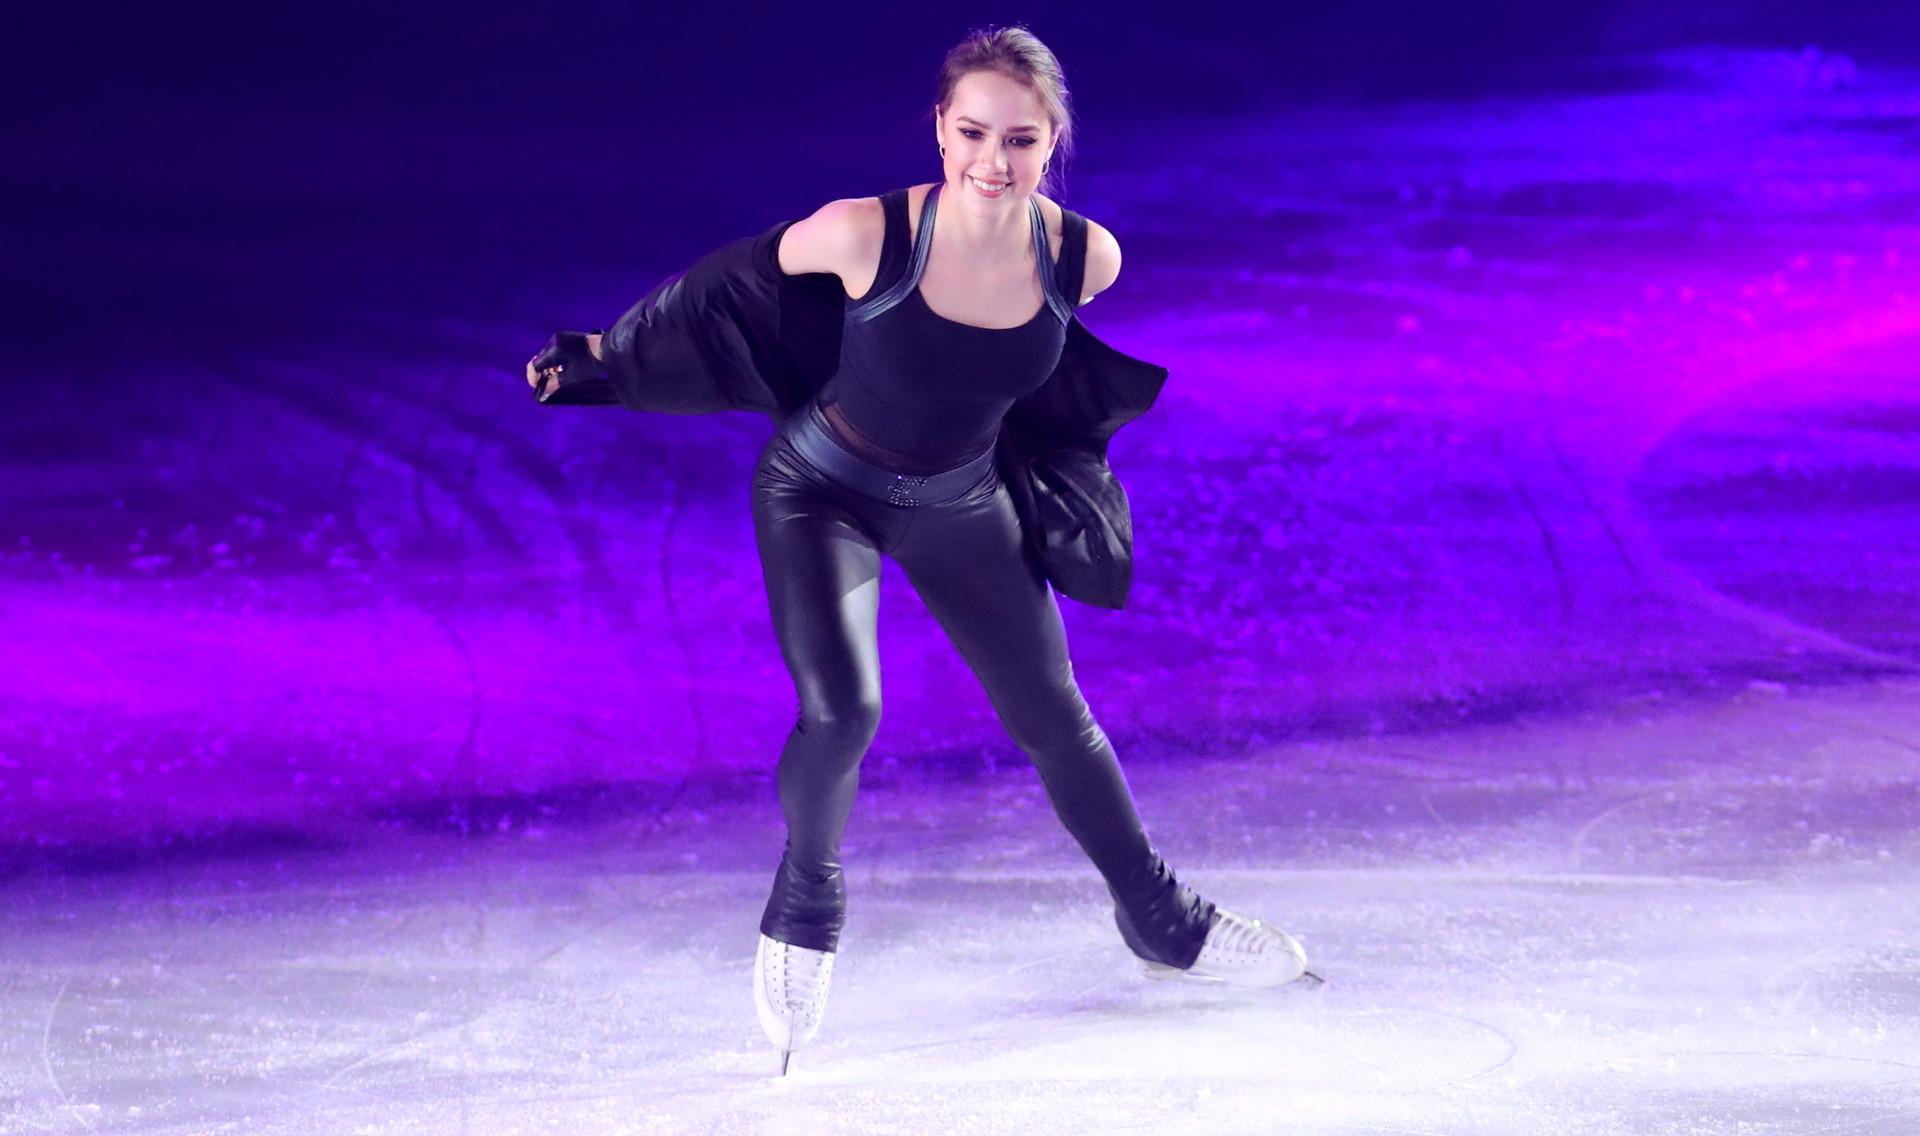 ザギトワ選手、新シーズンのSPの音楽を発表 , ロシア・ビヨンド